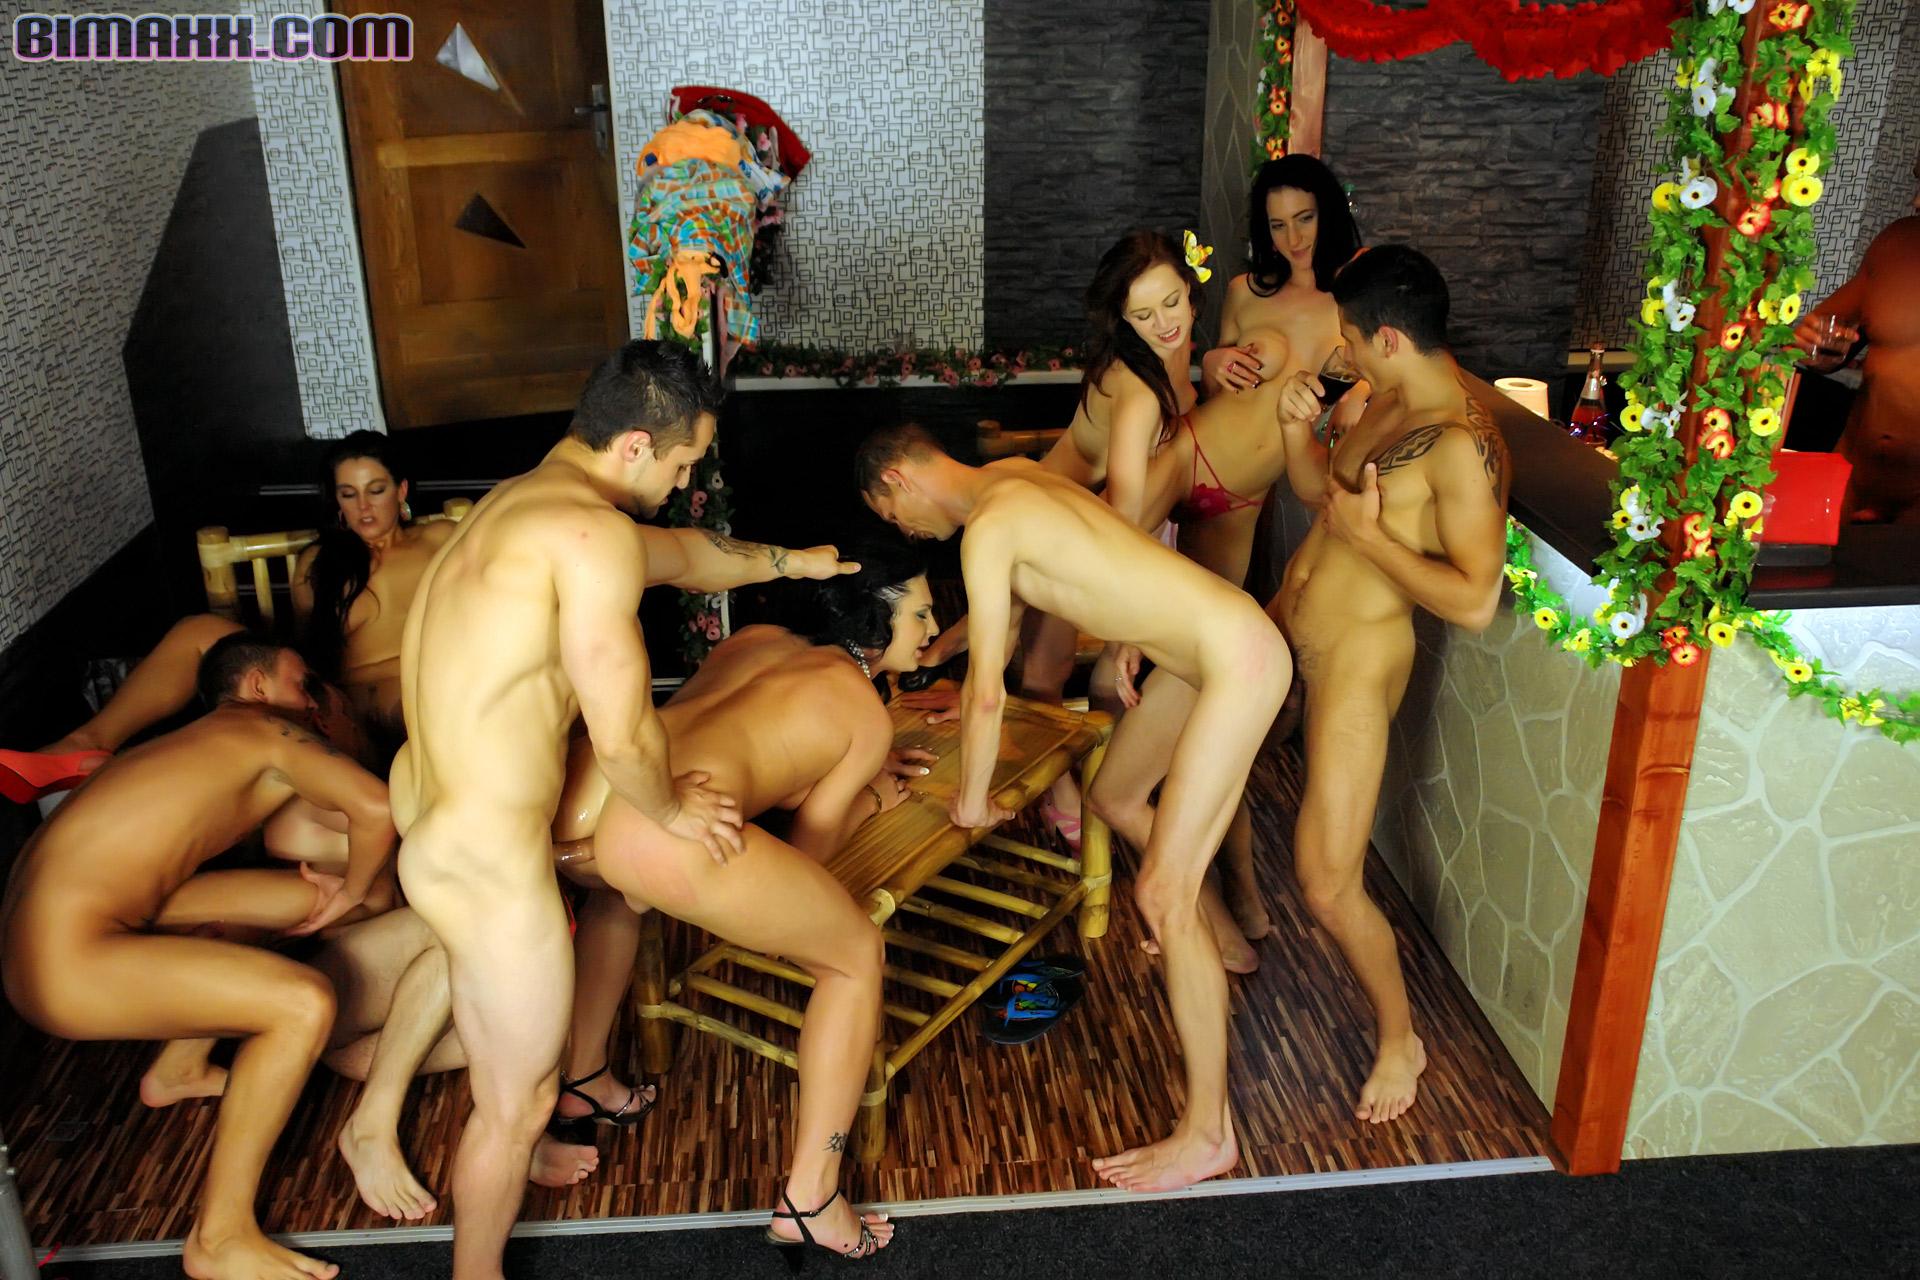 hudozhestvennie-filmi-s-gruppovim-seksom